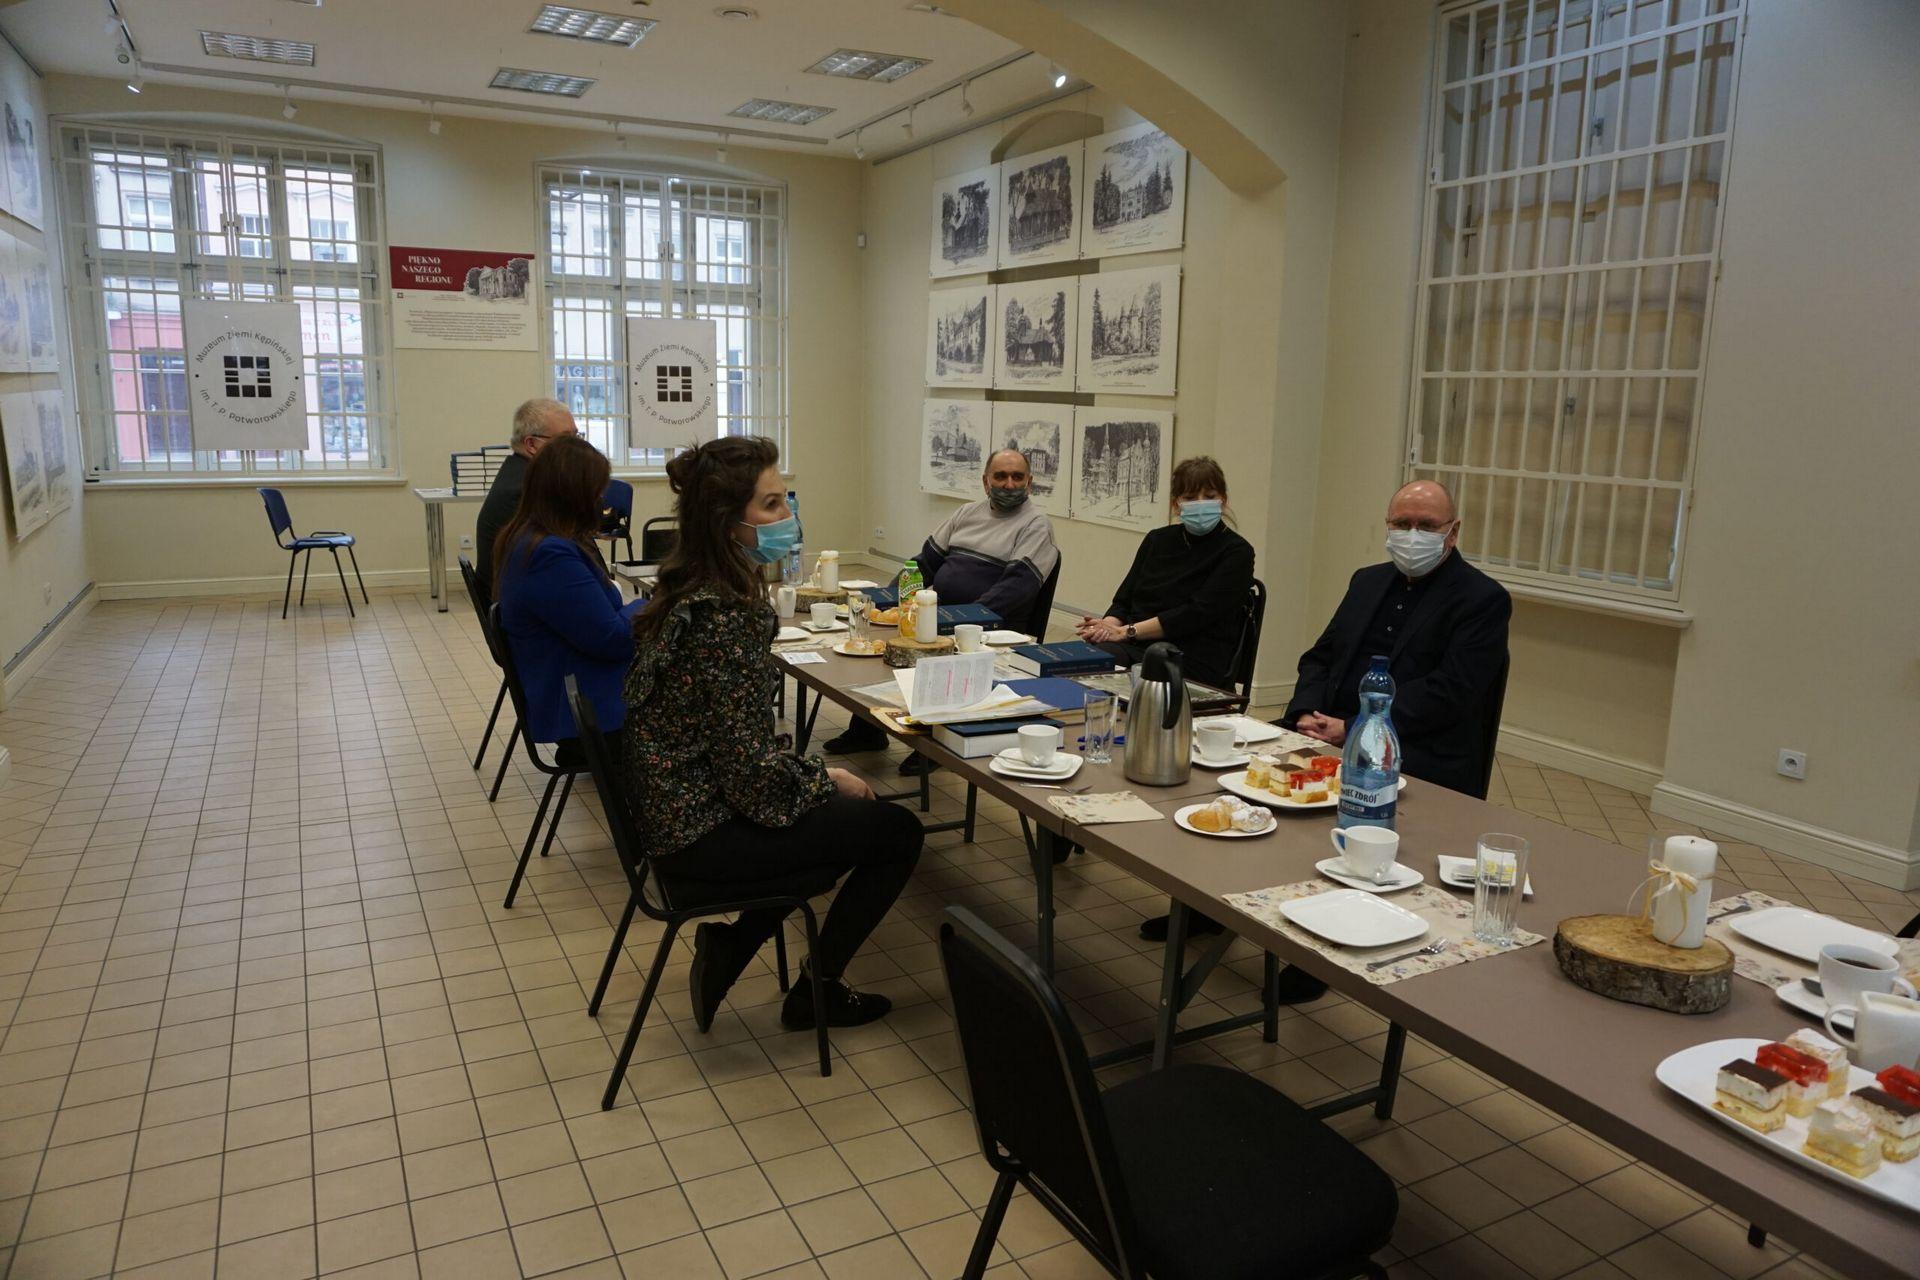 Zdjęcie ze spotkania promocyjnego ksiażżki przy stole siedzi 6 osób